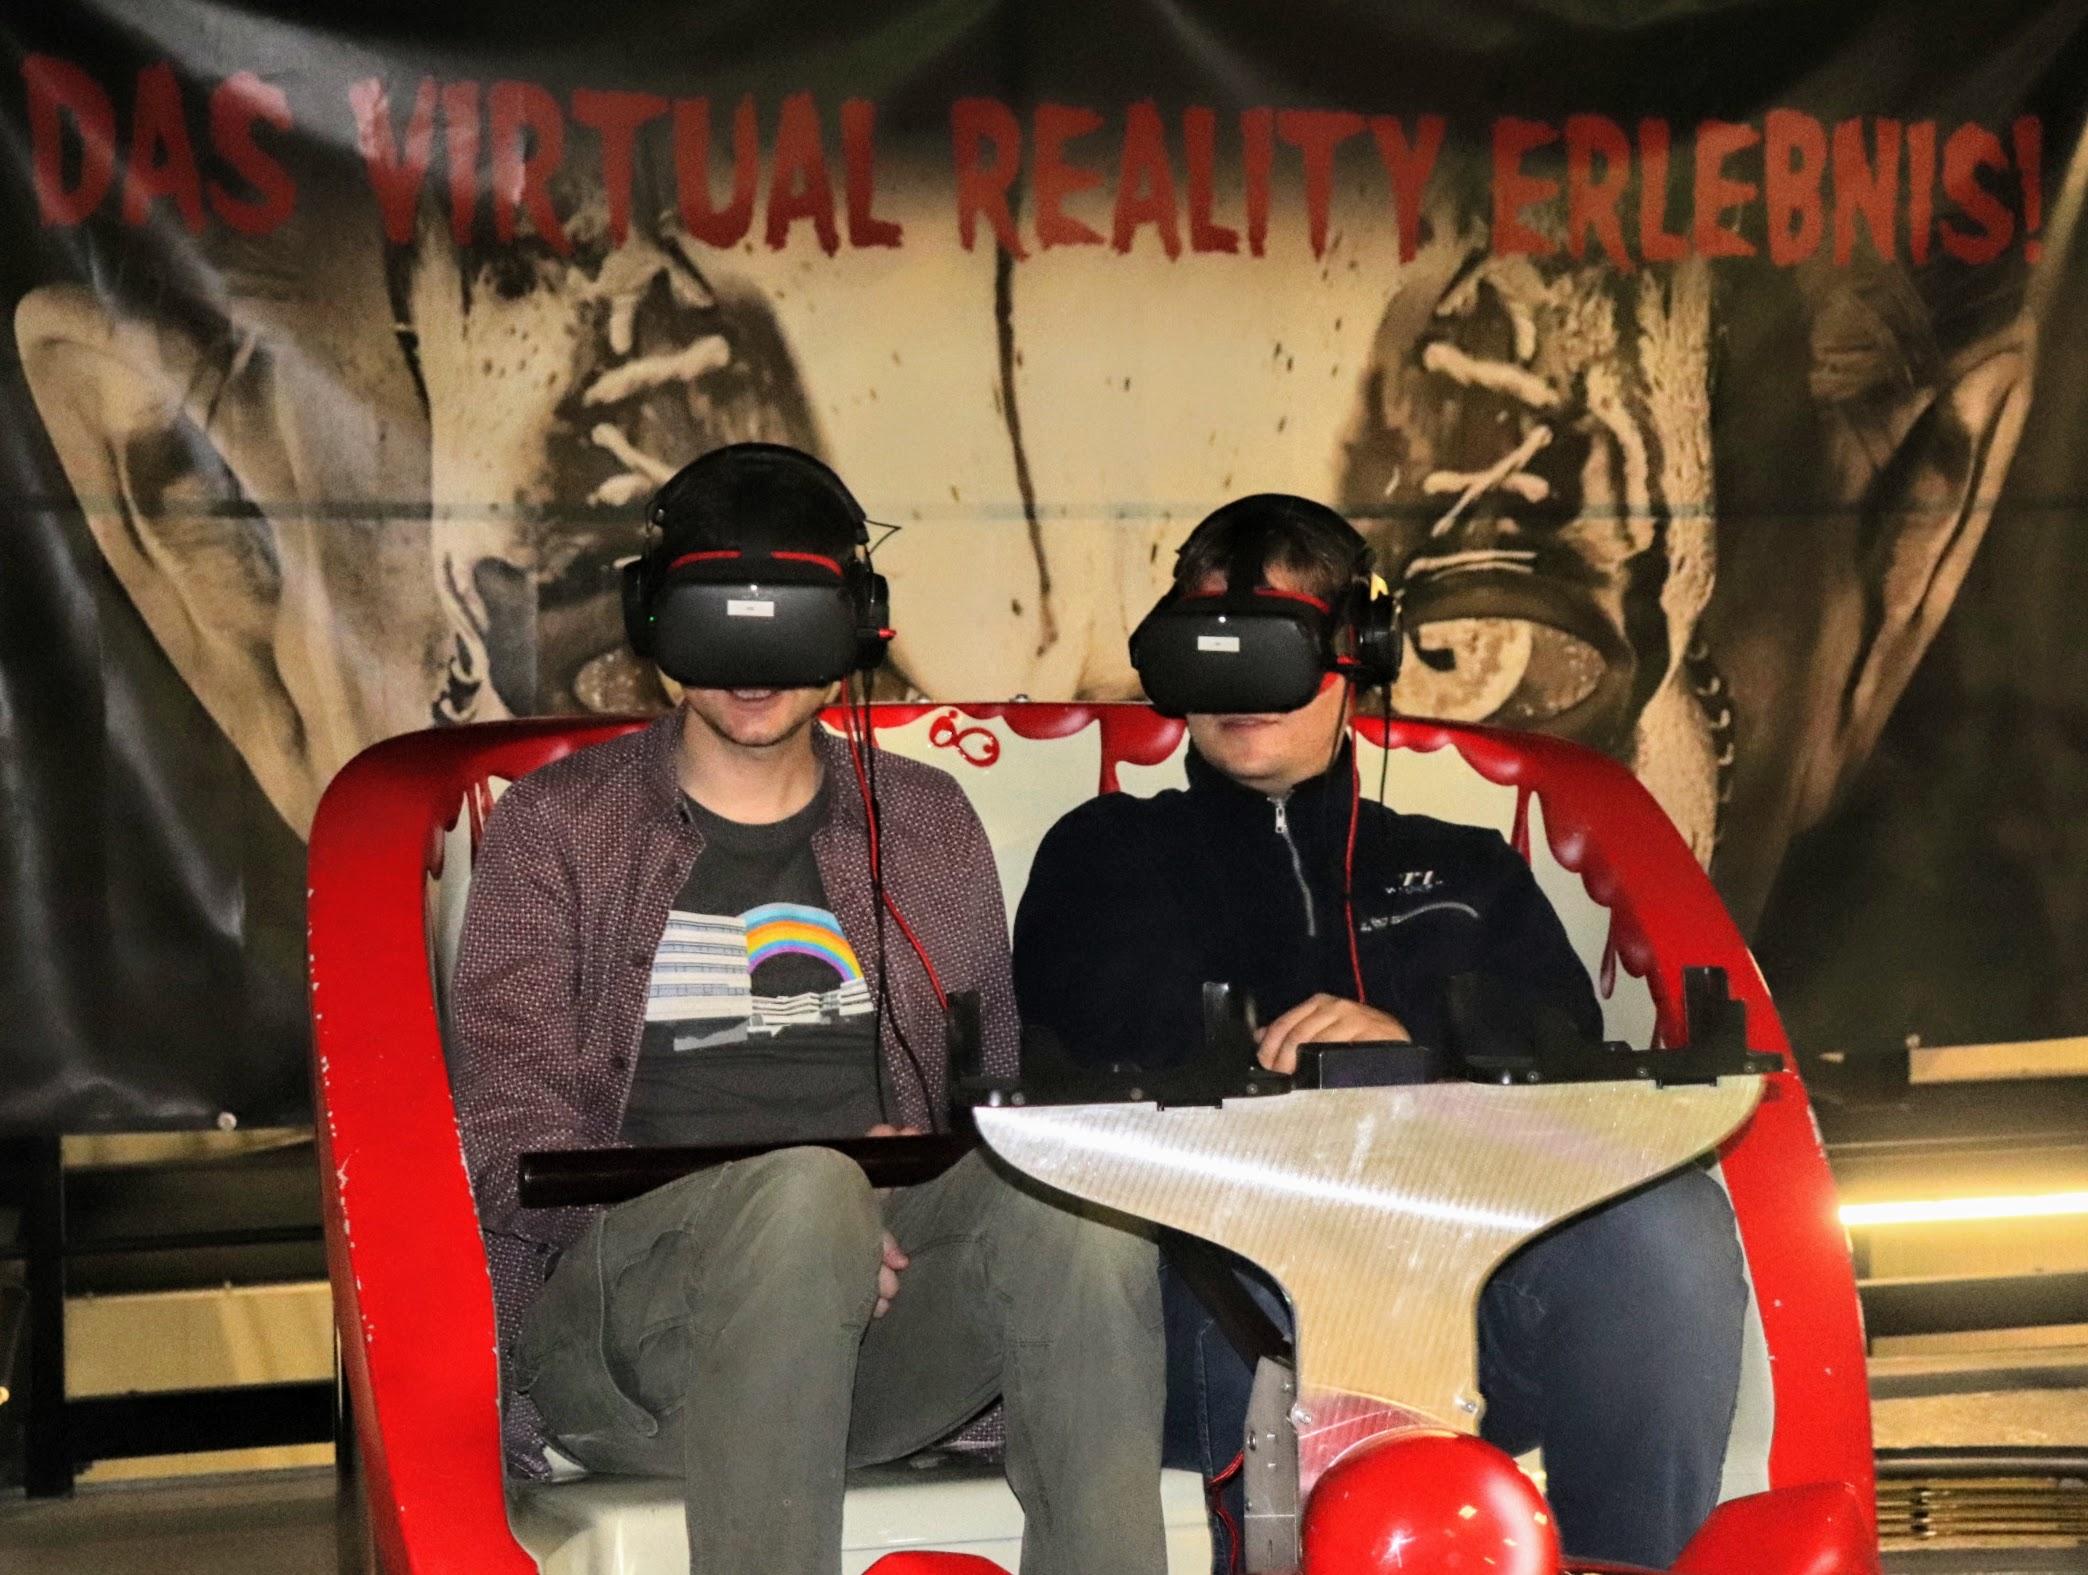 Fahrzeug mit zwei Personen mit VR-Headsets